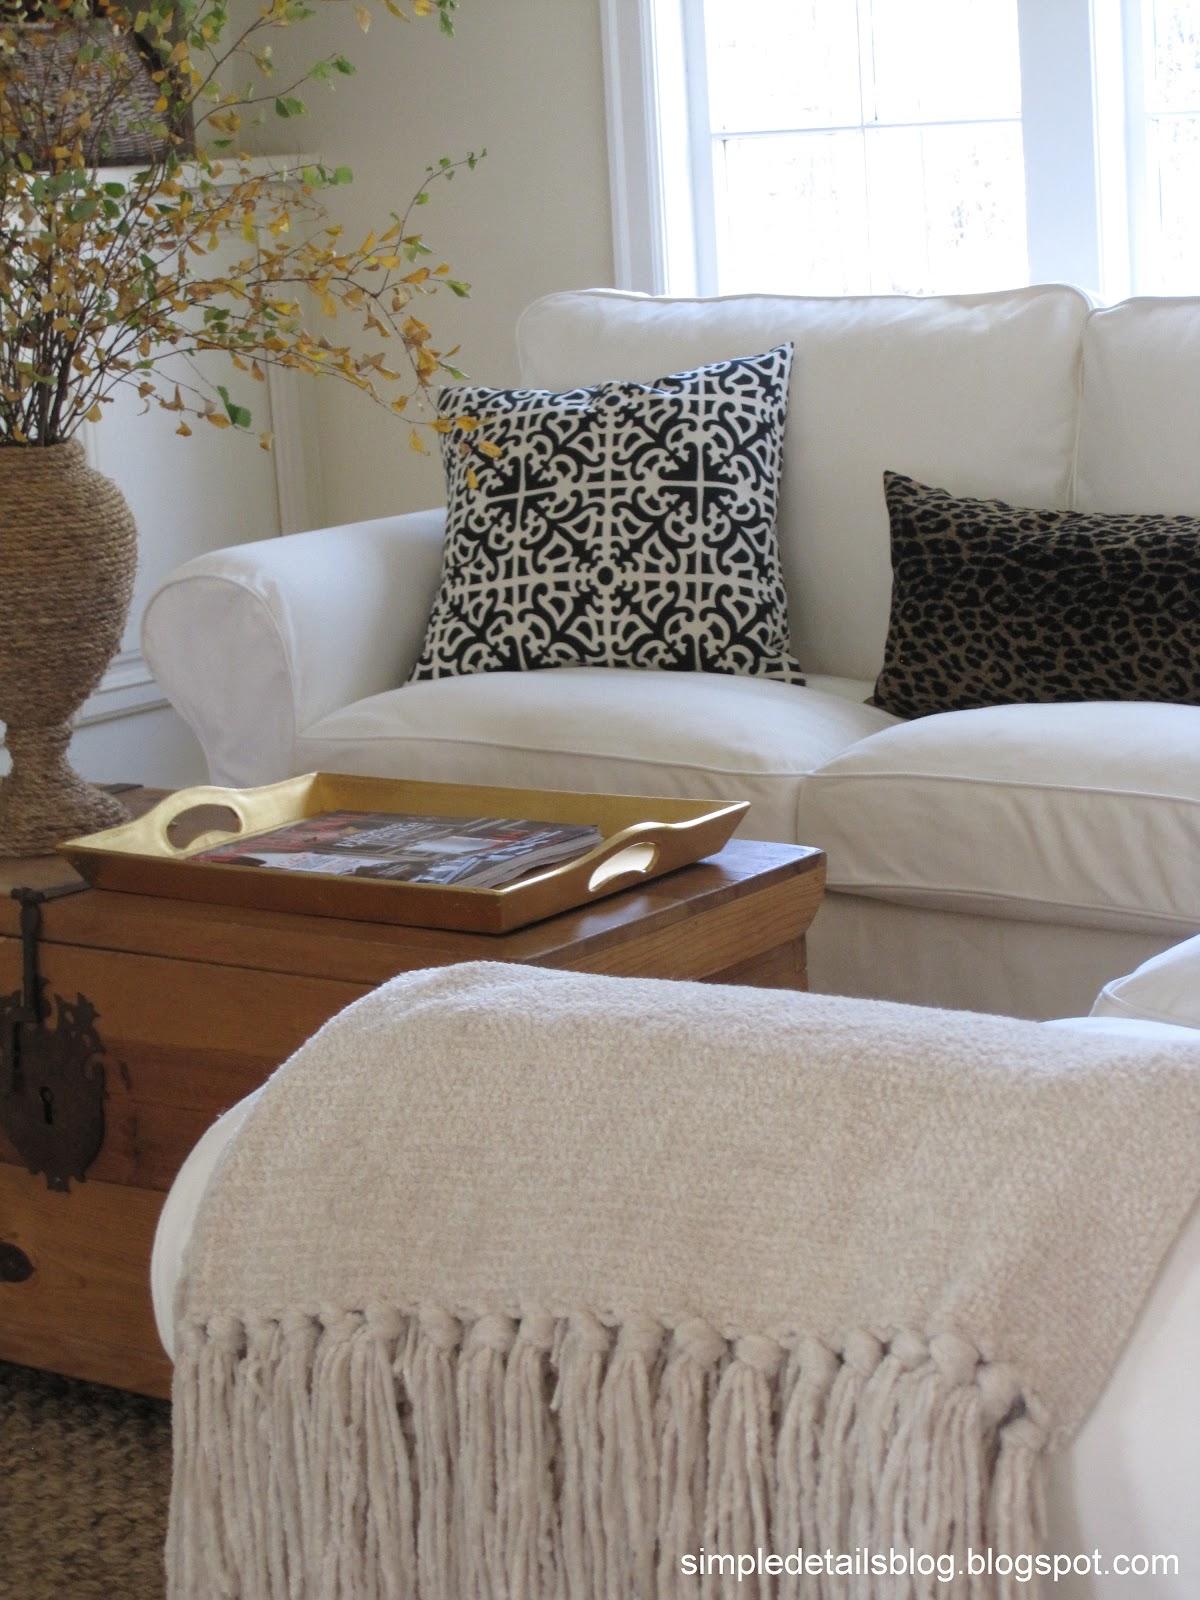 simple details ikea ektorp sectional. Black Bedroom Furniture Sets. Home Design Ideas